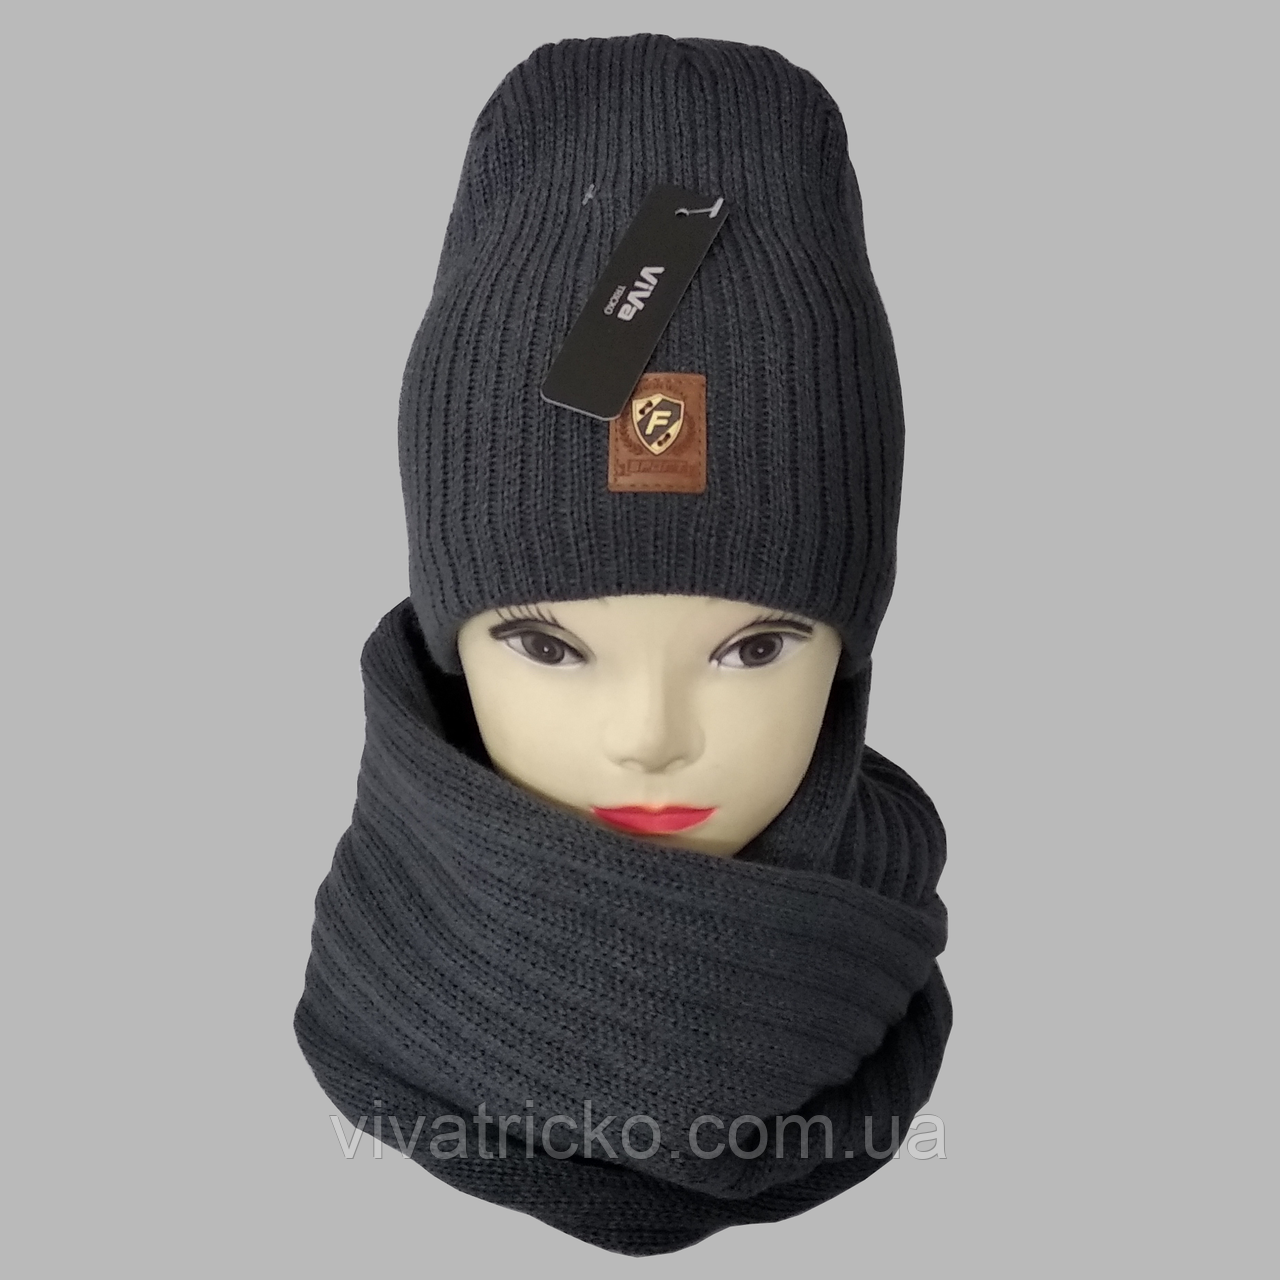 М 7053 Комплект шапка и хомут-восьмерка зимний, разные цвета